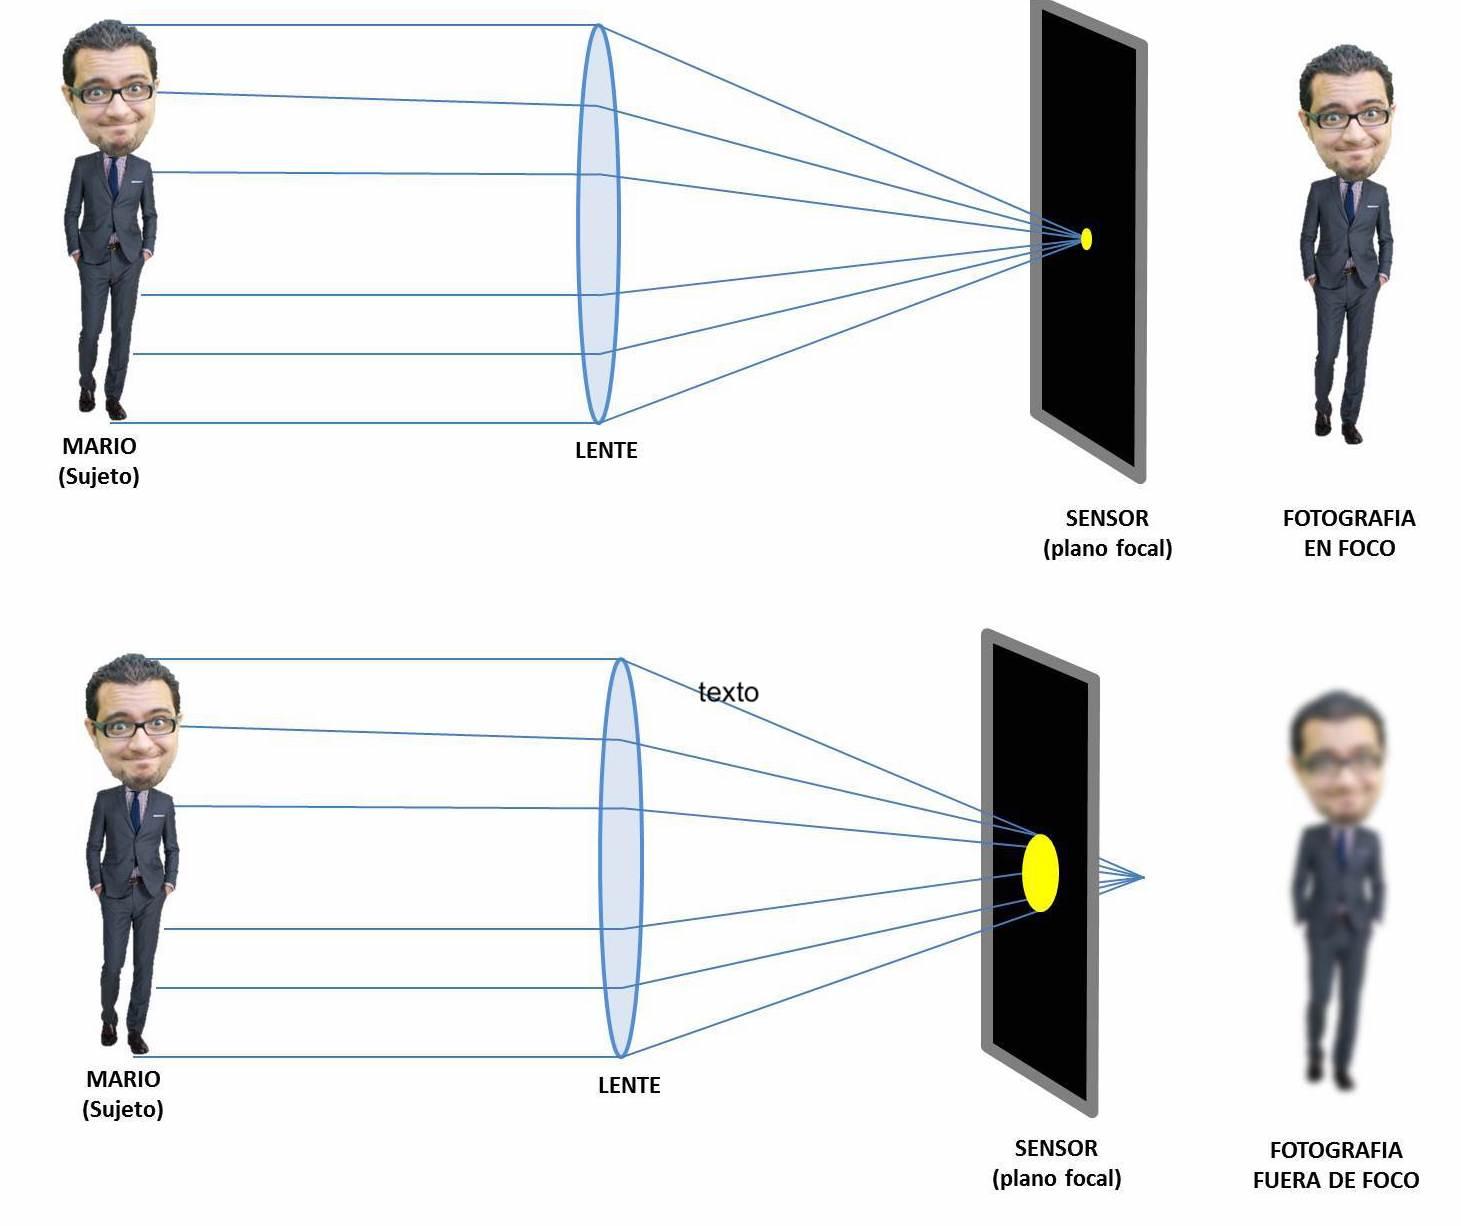 Gráfico de funcionamiento de enfoque en fotografía con sensor